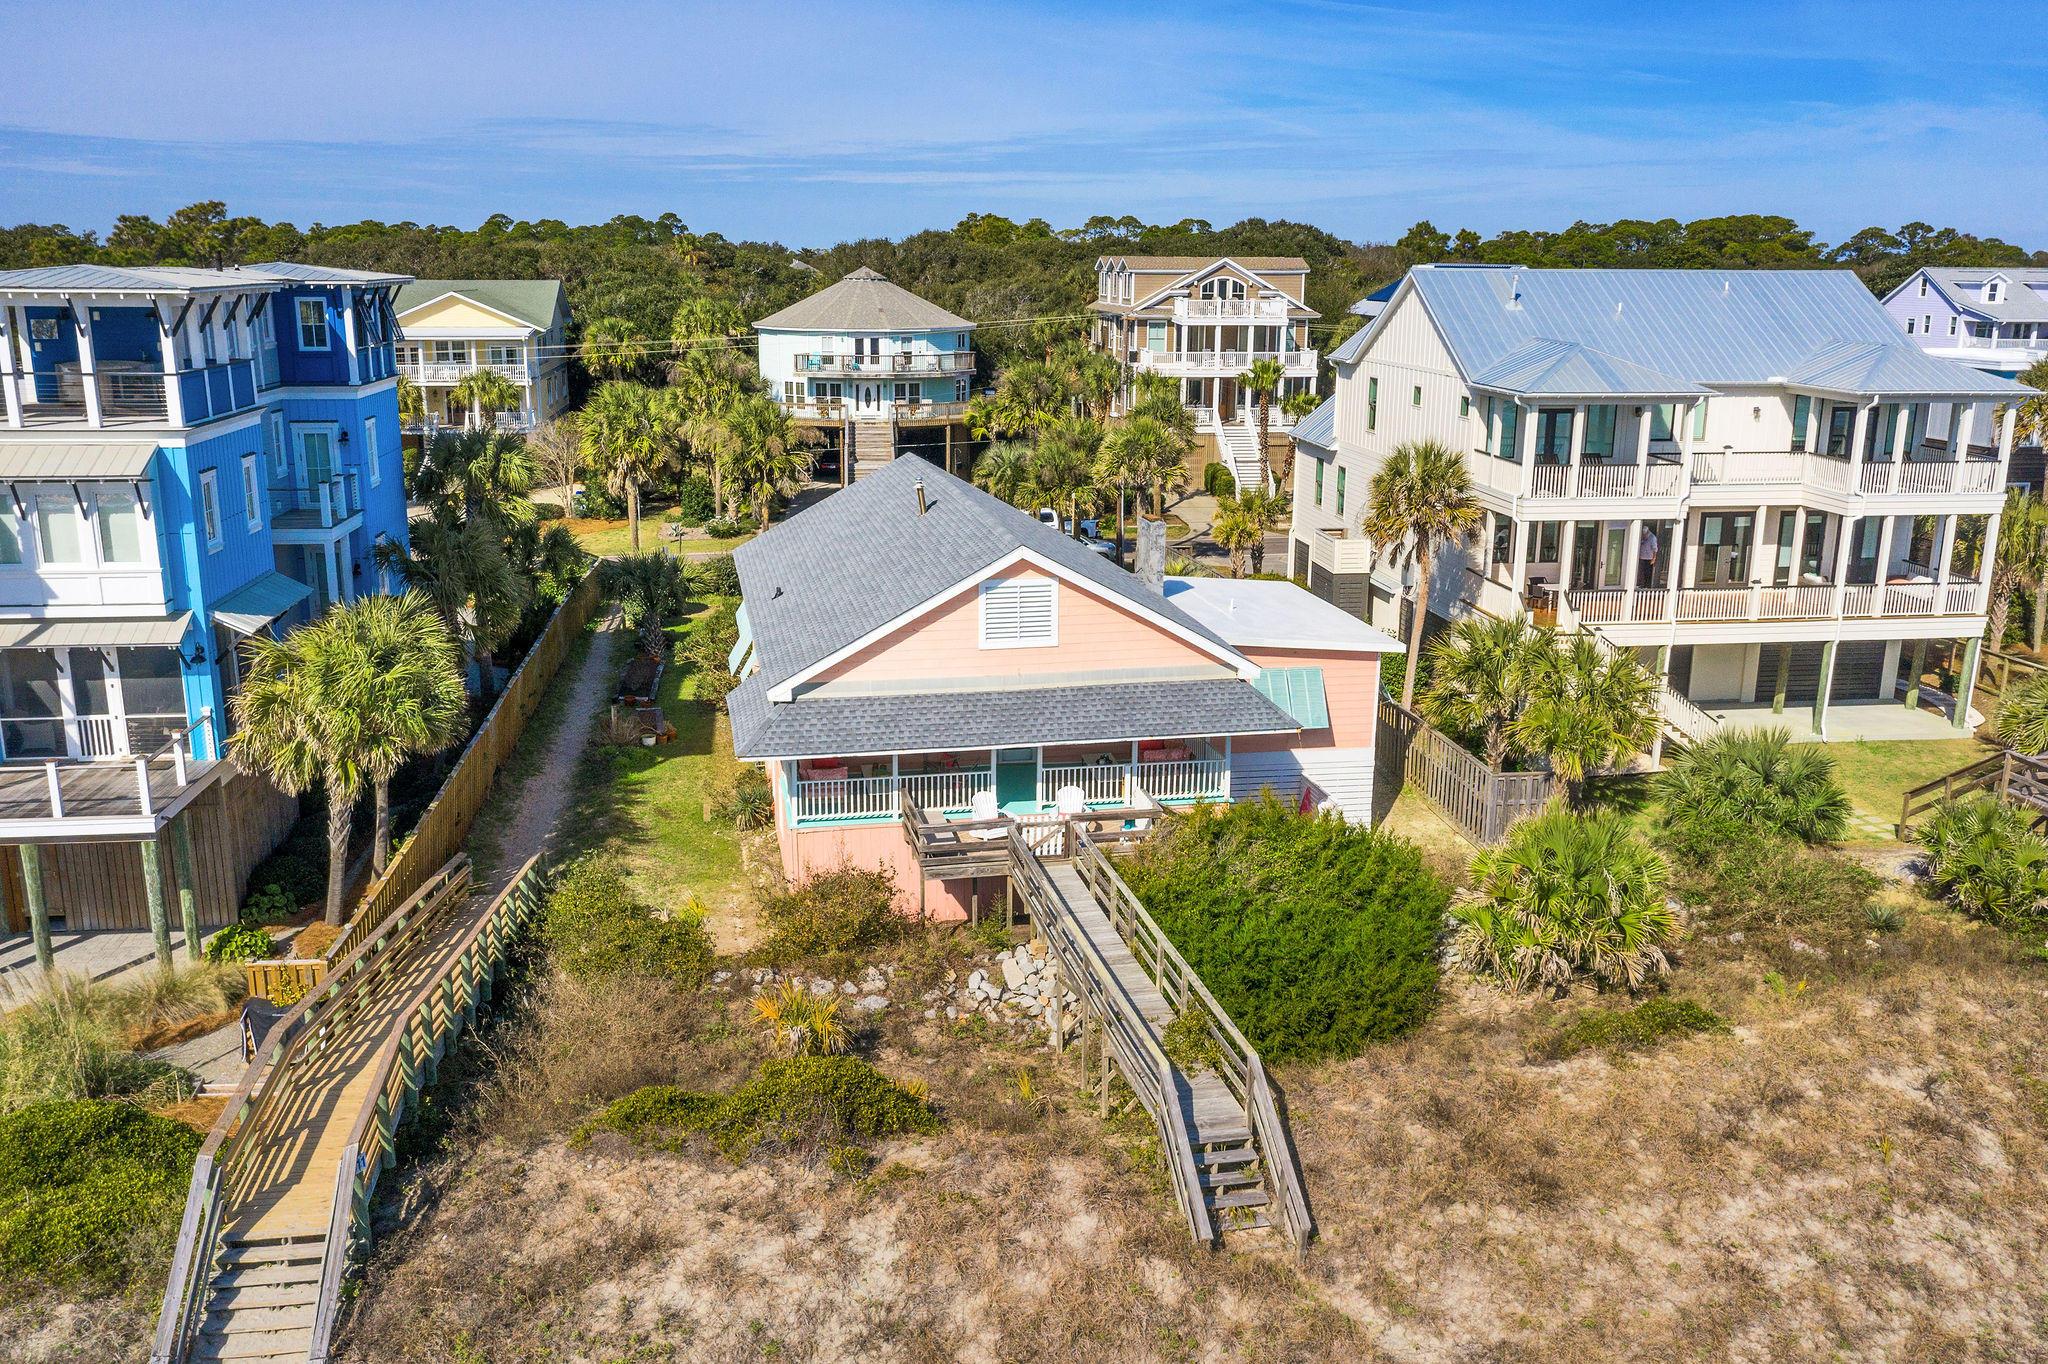 Folly Beach Homes For Sale - 509 Ashley, Folly Beach, SC - 47